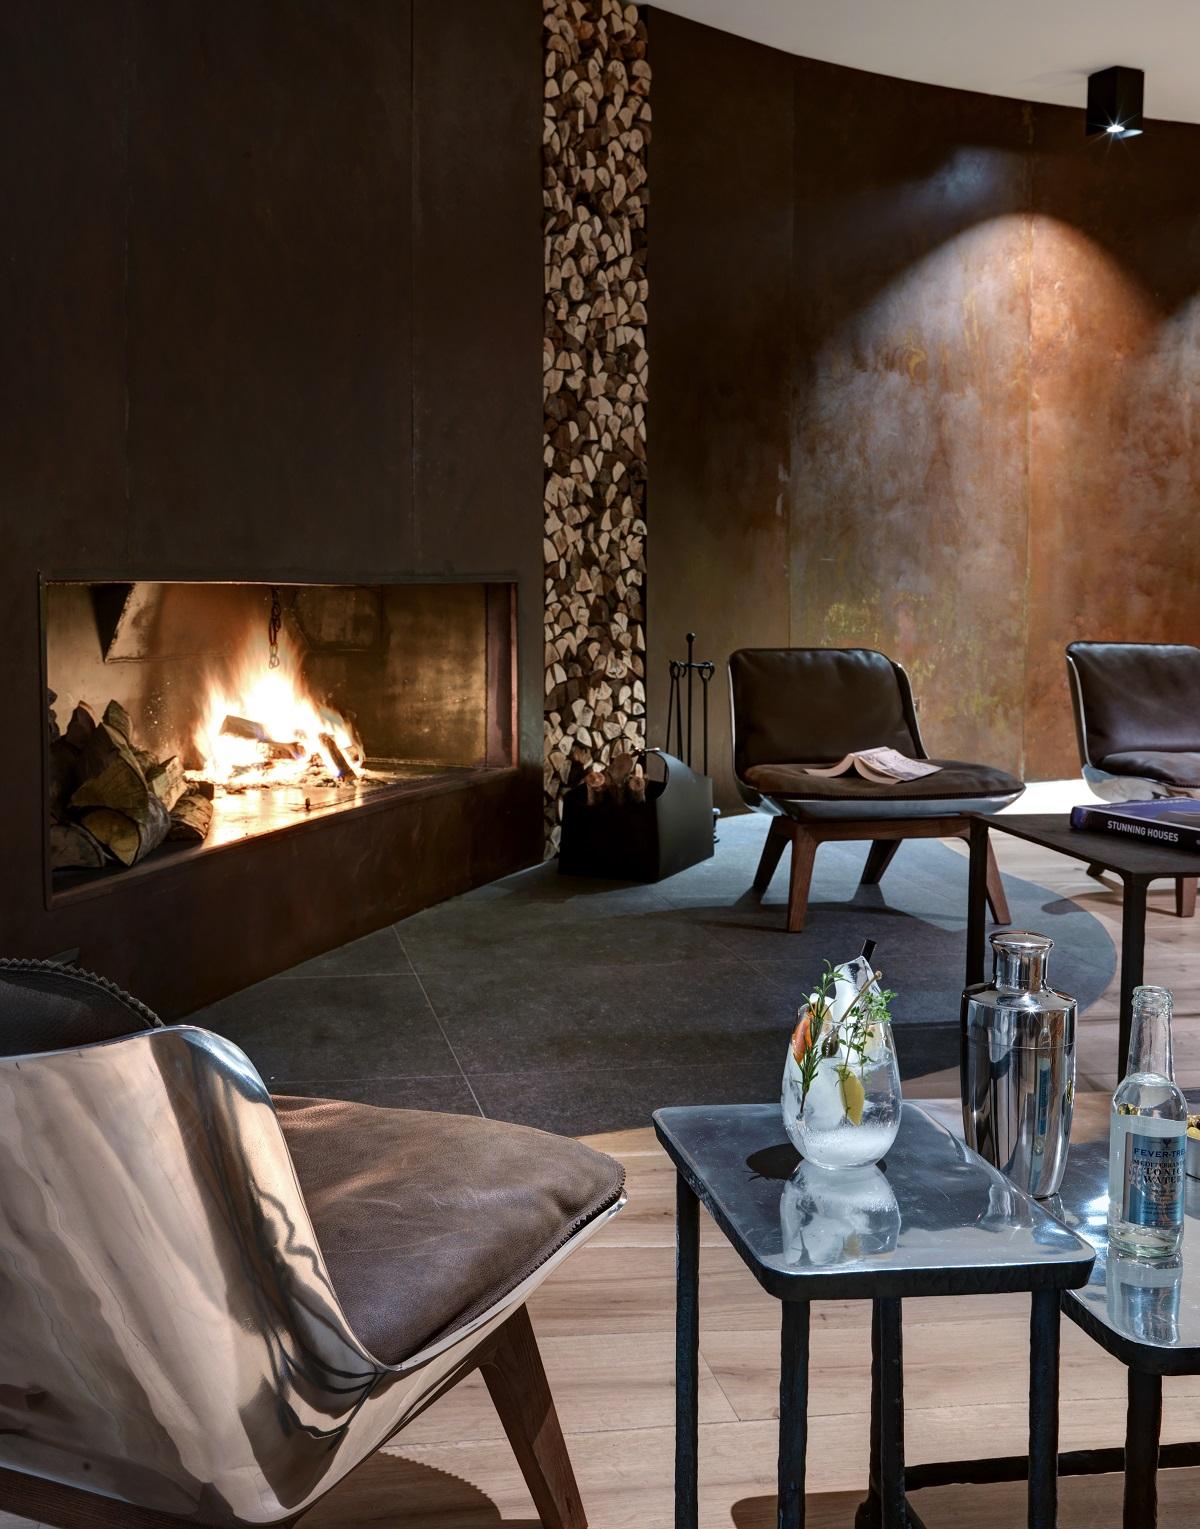 hotel_nira_montana_interiors_2.jpg